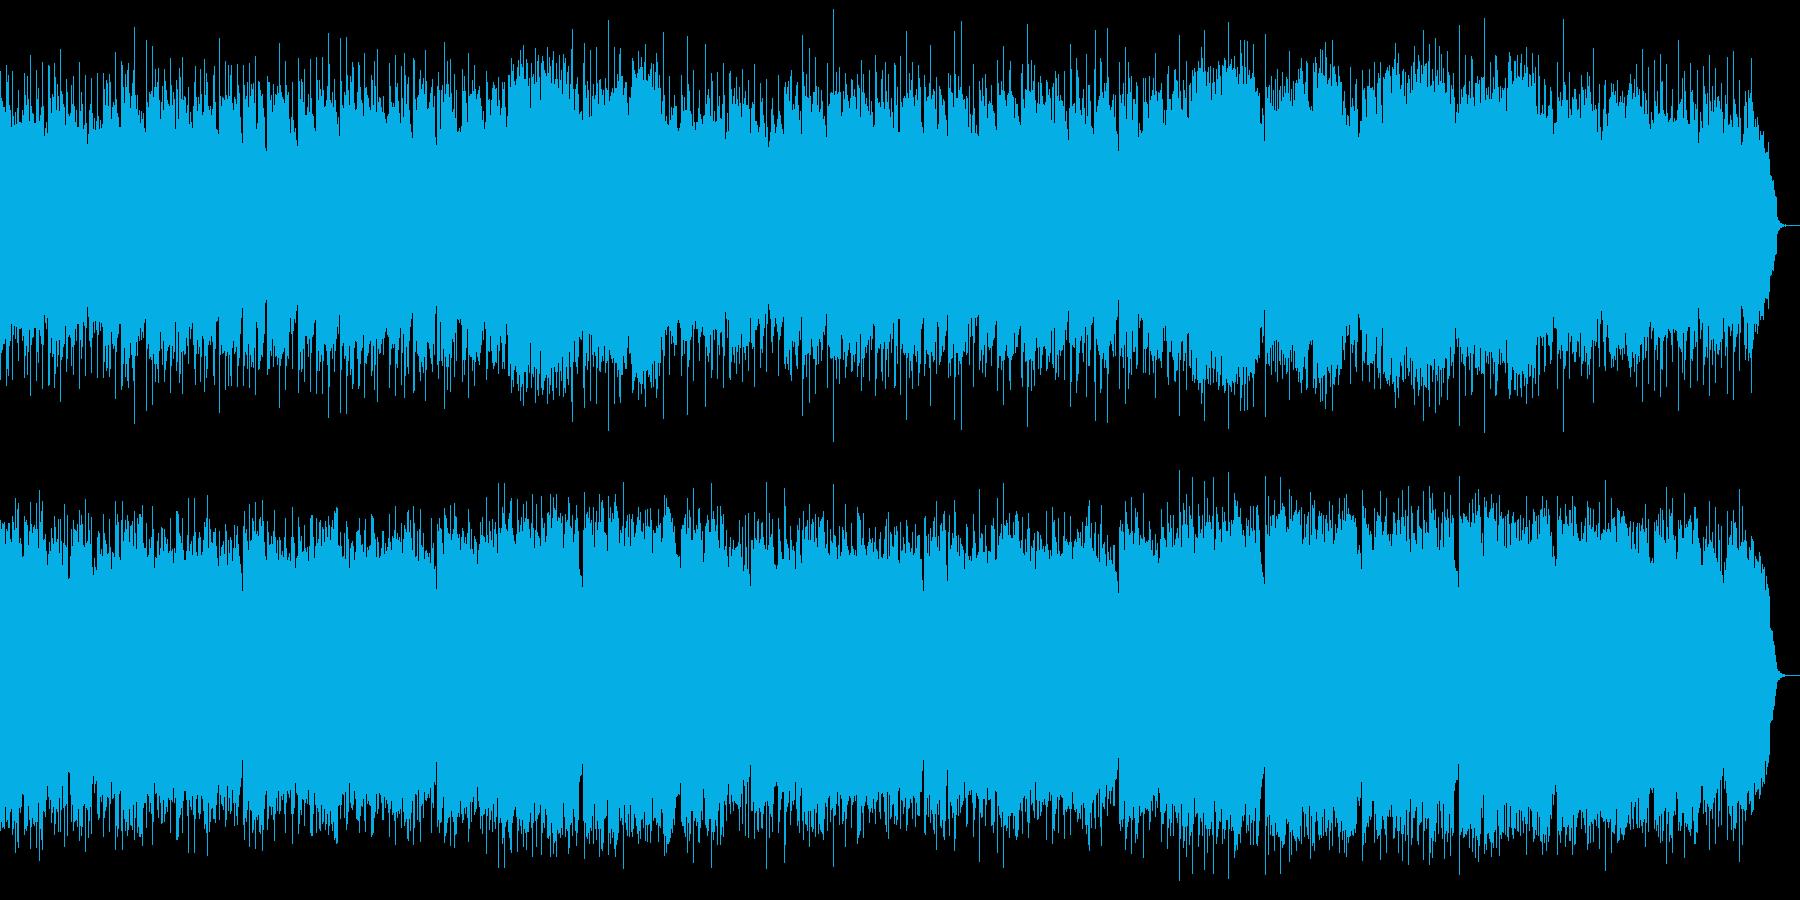 ほのぼのとして気持ちが高鳴るポップスの再生済みの波形